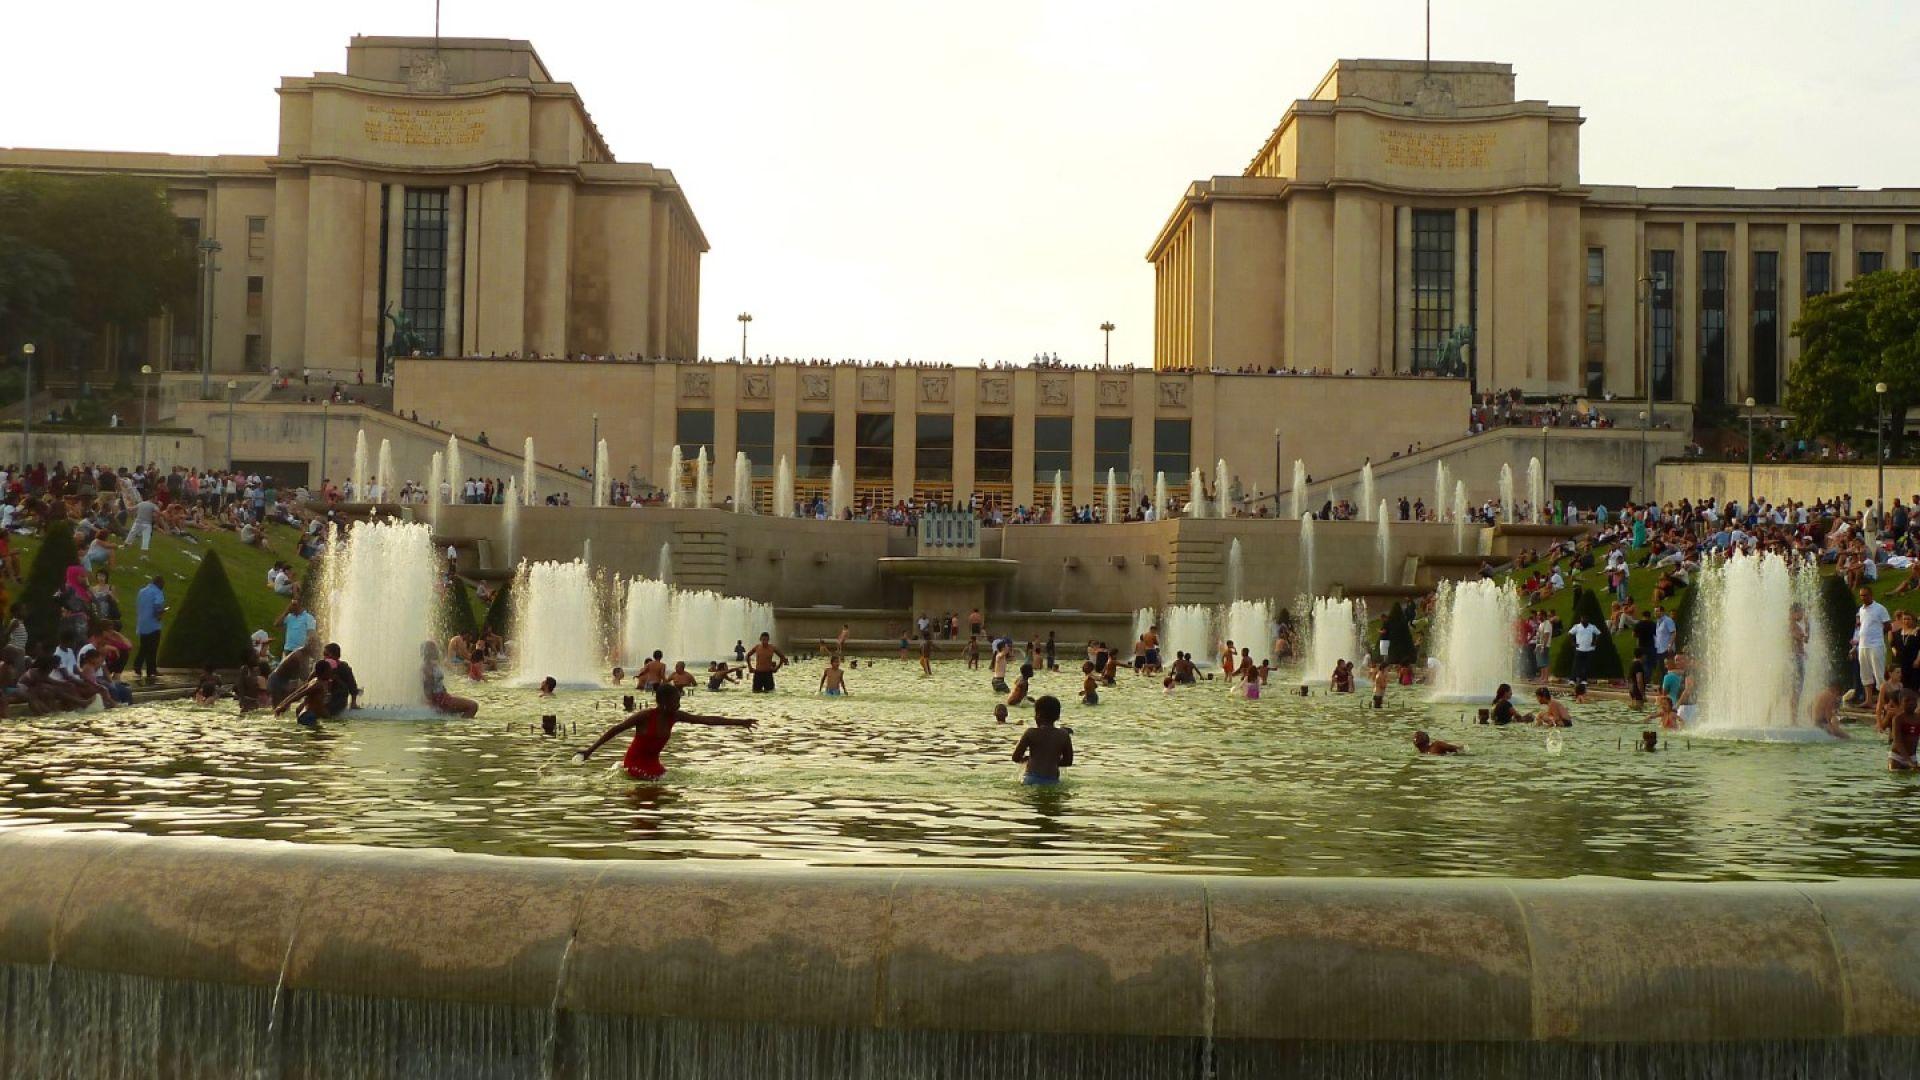 Юнските горещини доведоха до недостиг на вода в Париж